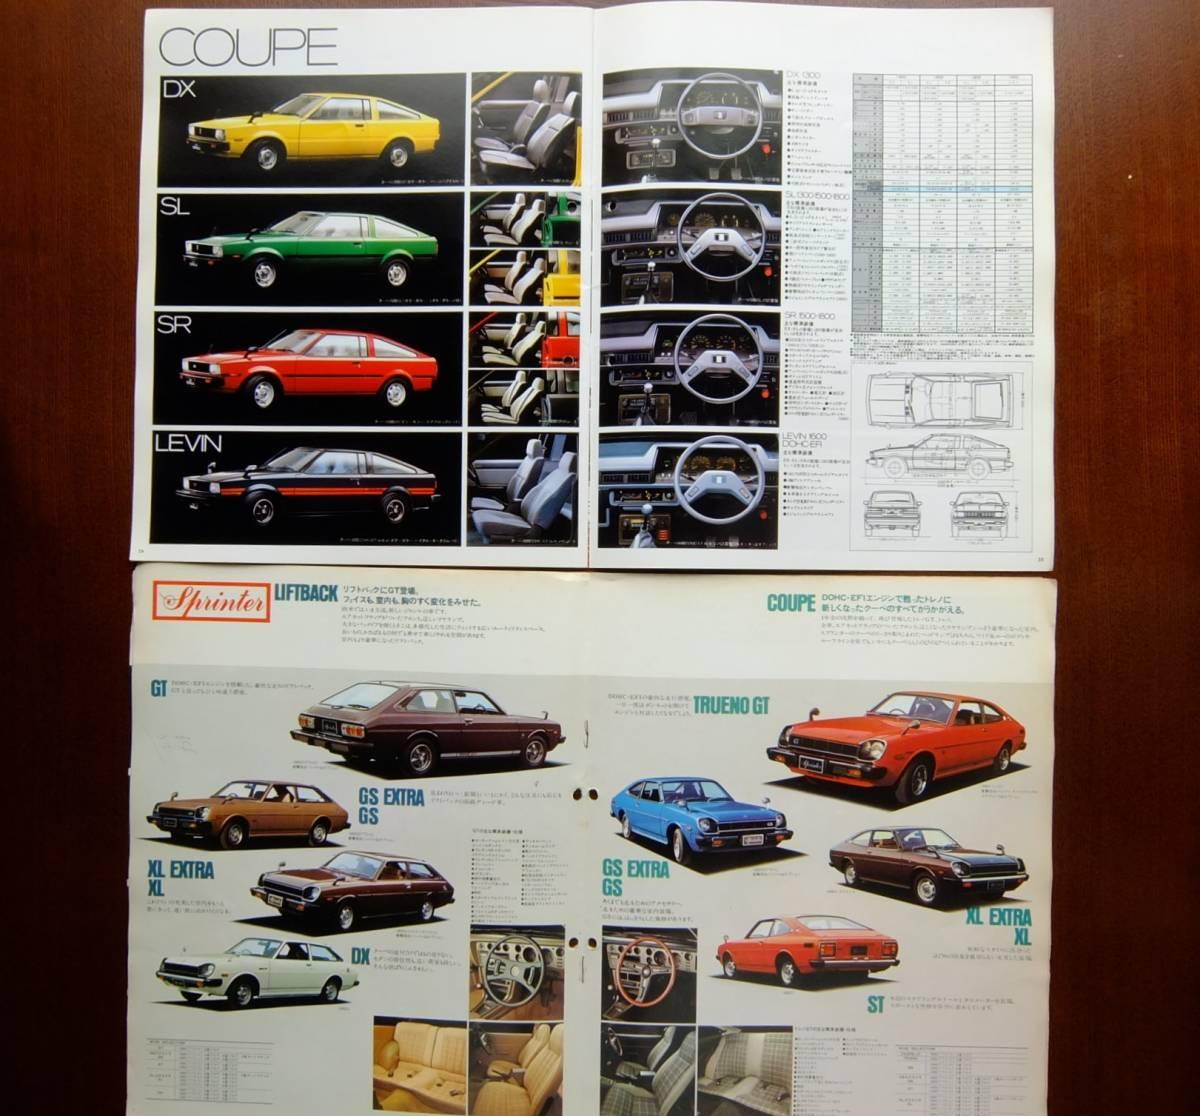 トヨタ旧車カタログ4冊。スタ-レット、2冊1975、1977年。カロ-ラ1冊、1980年。スプリンター、パブリカ、カロ-ラ1冊、1977年。_画像4